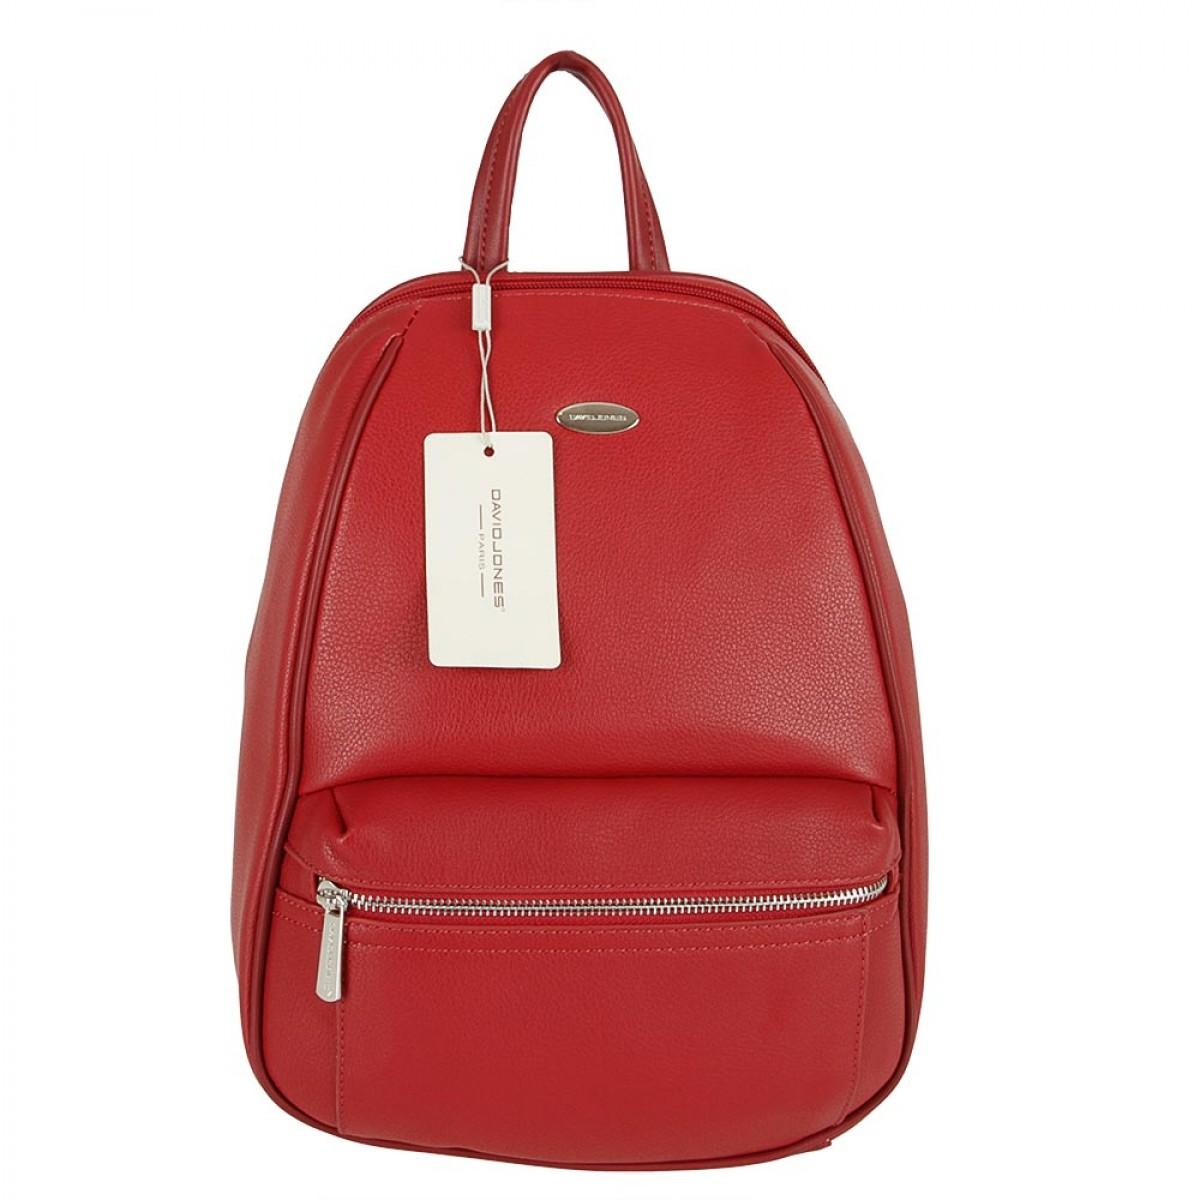 Жіночий рюкзак David Jones CM5504 DARK RED